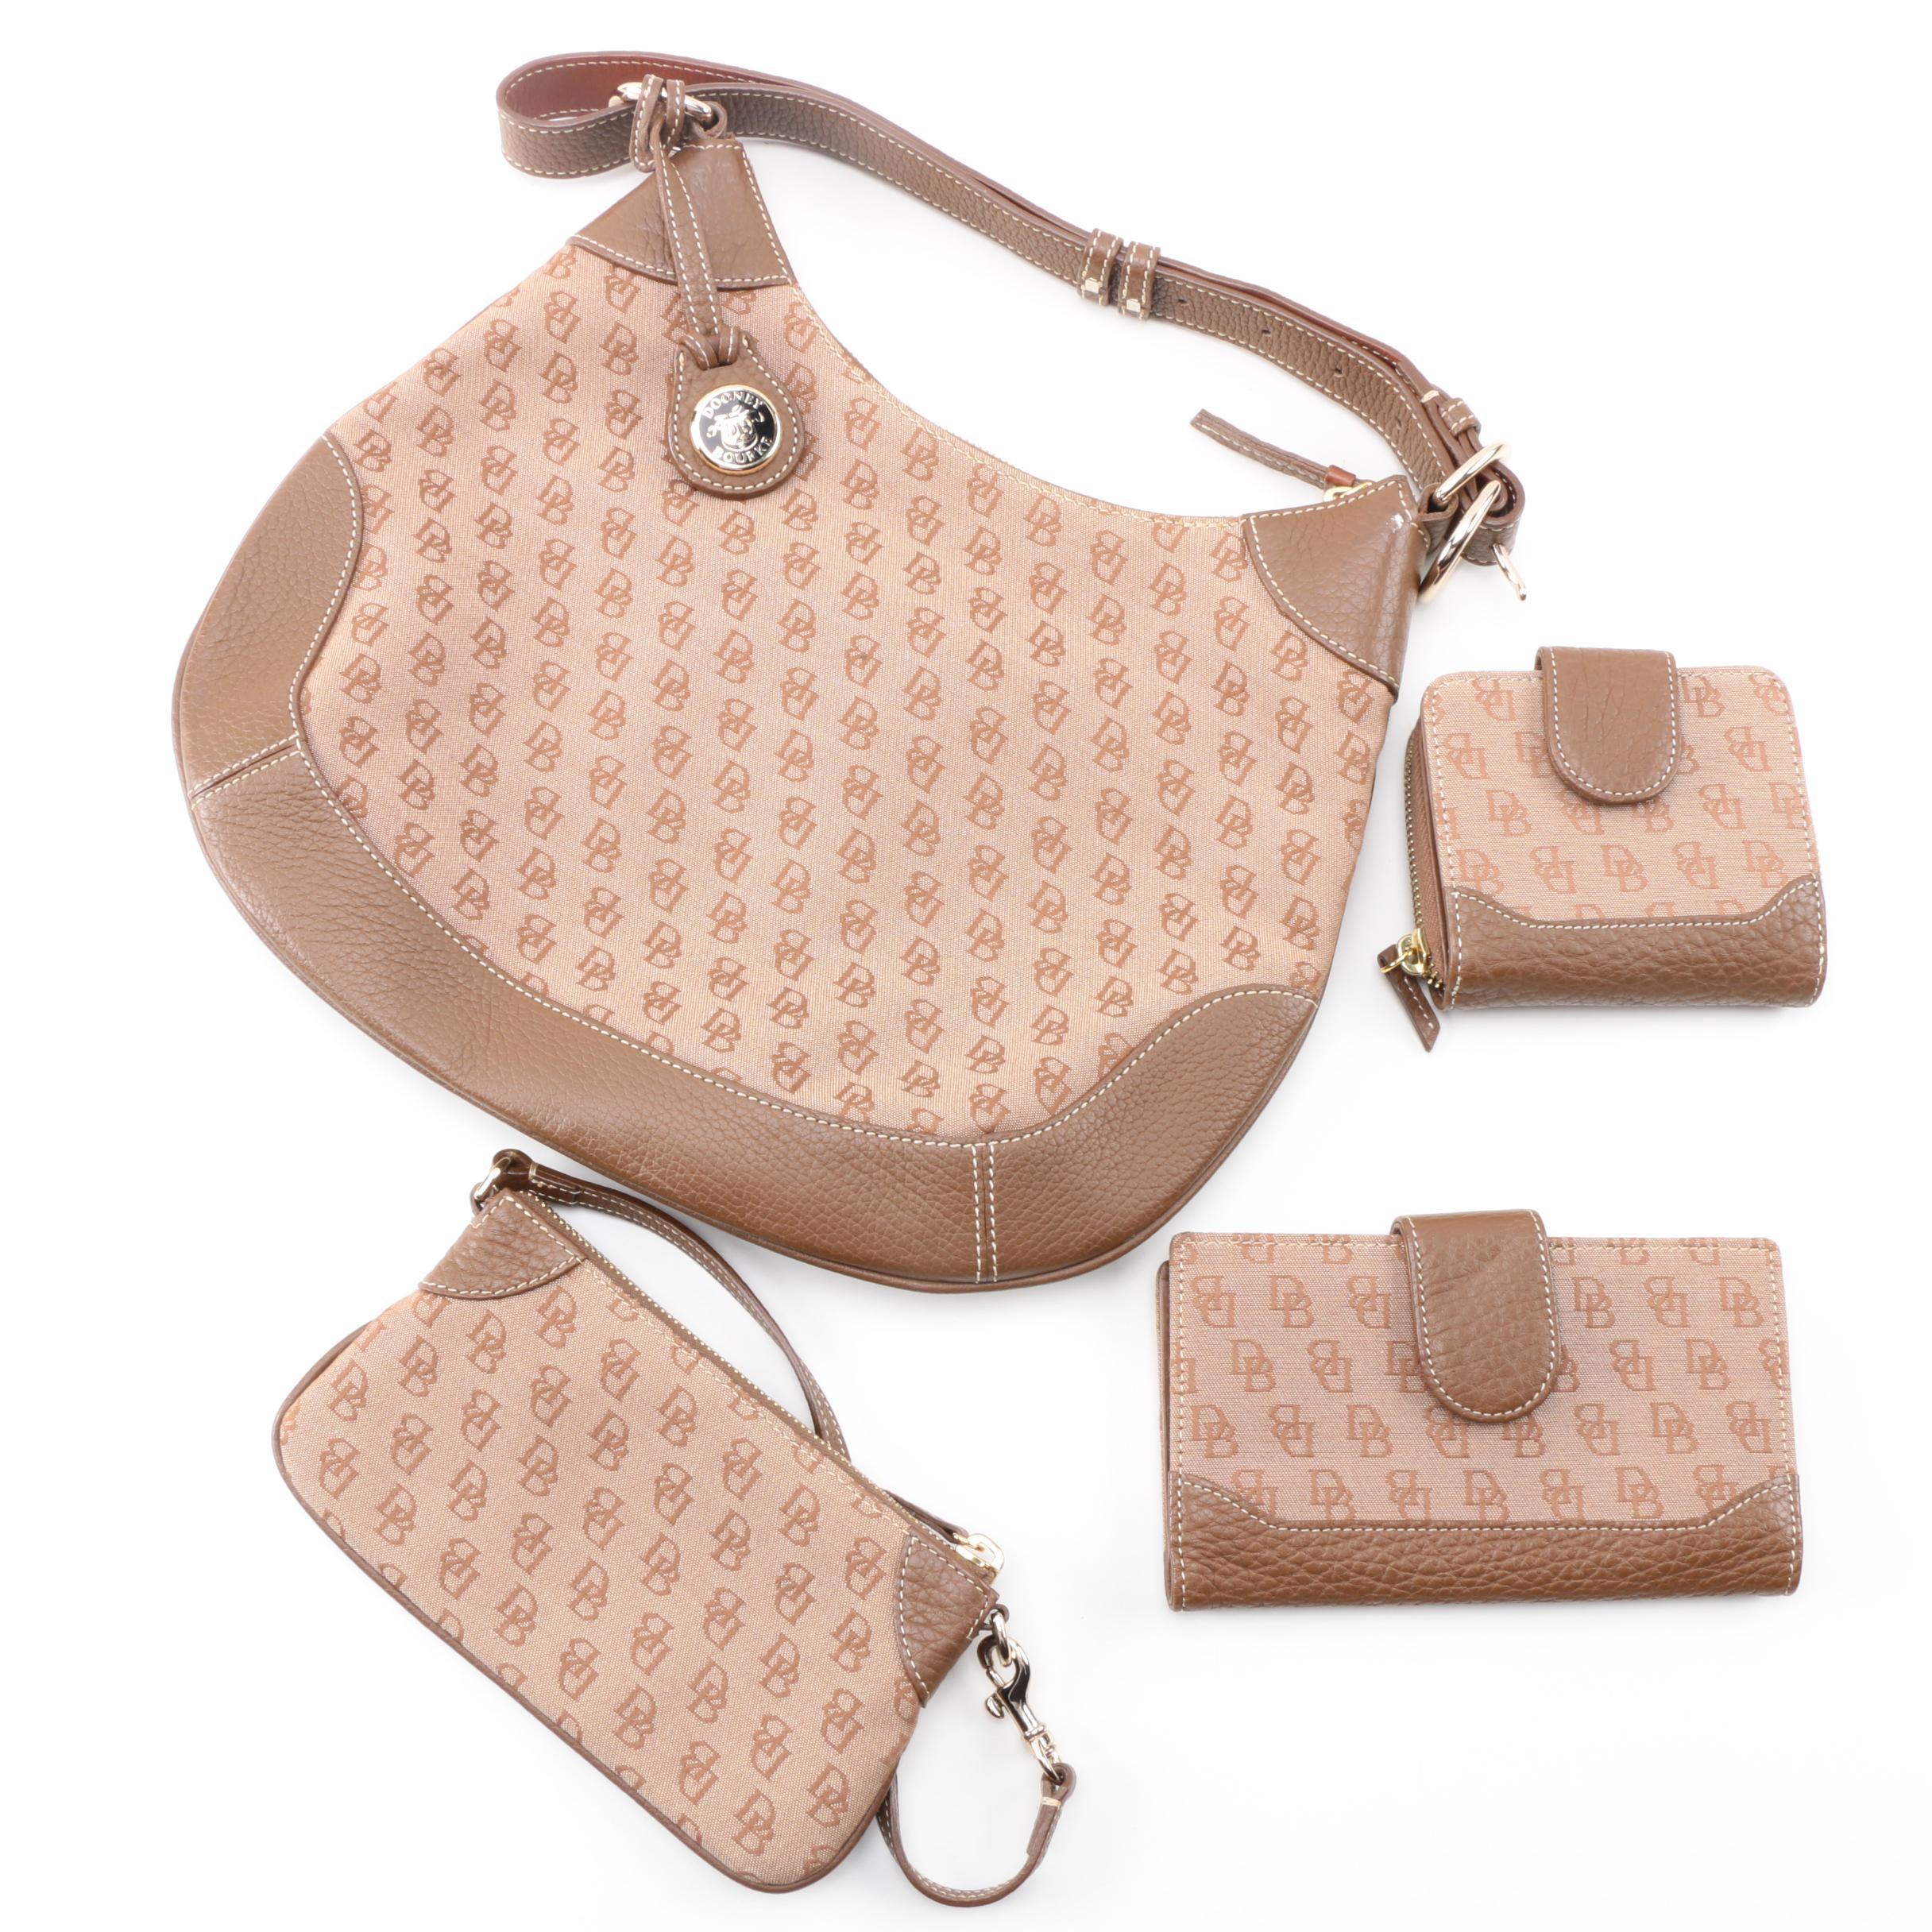 Dooney & Bourke Monogrammed Handbag and Accessories